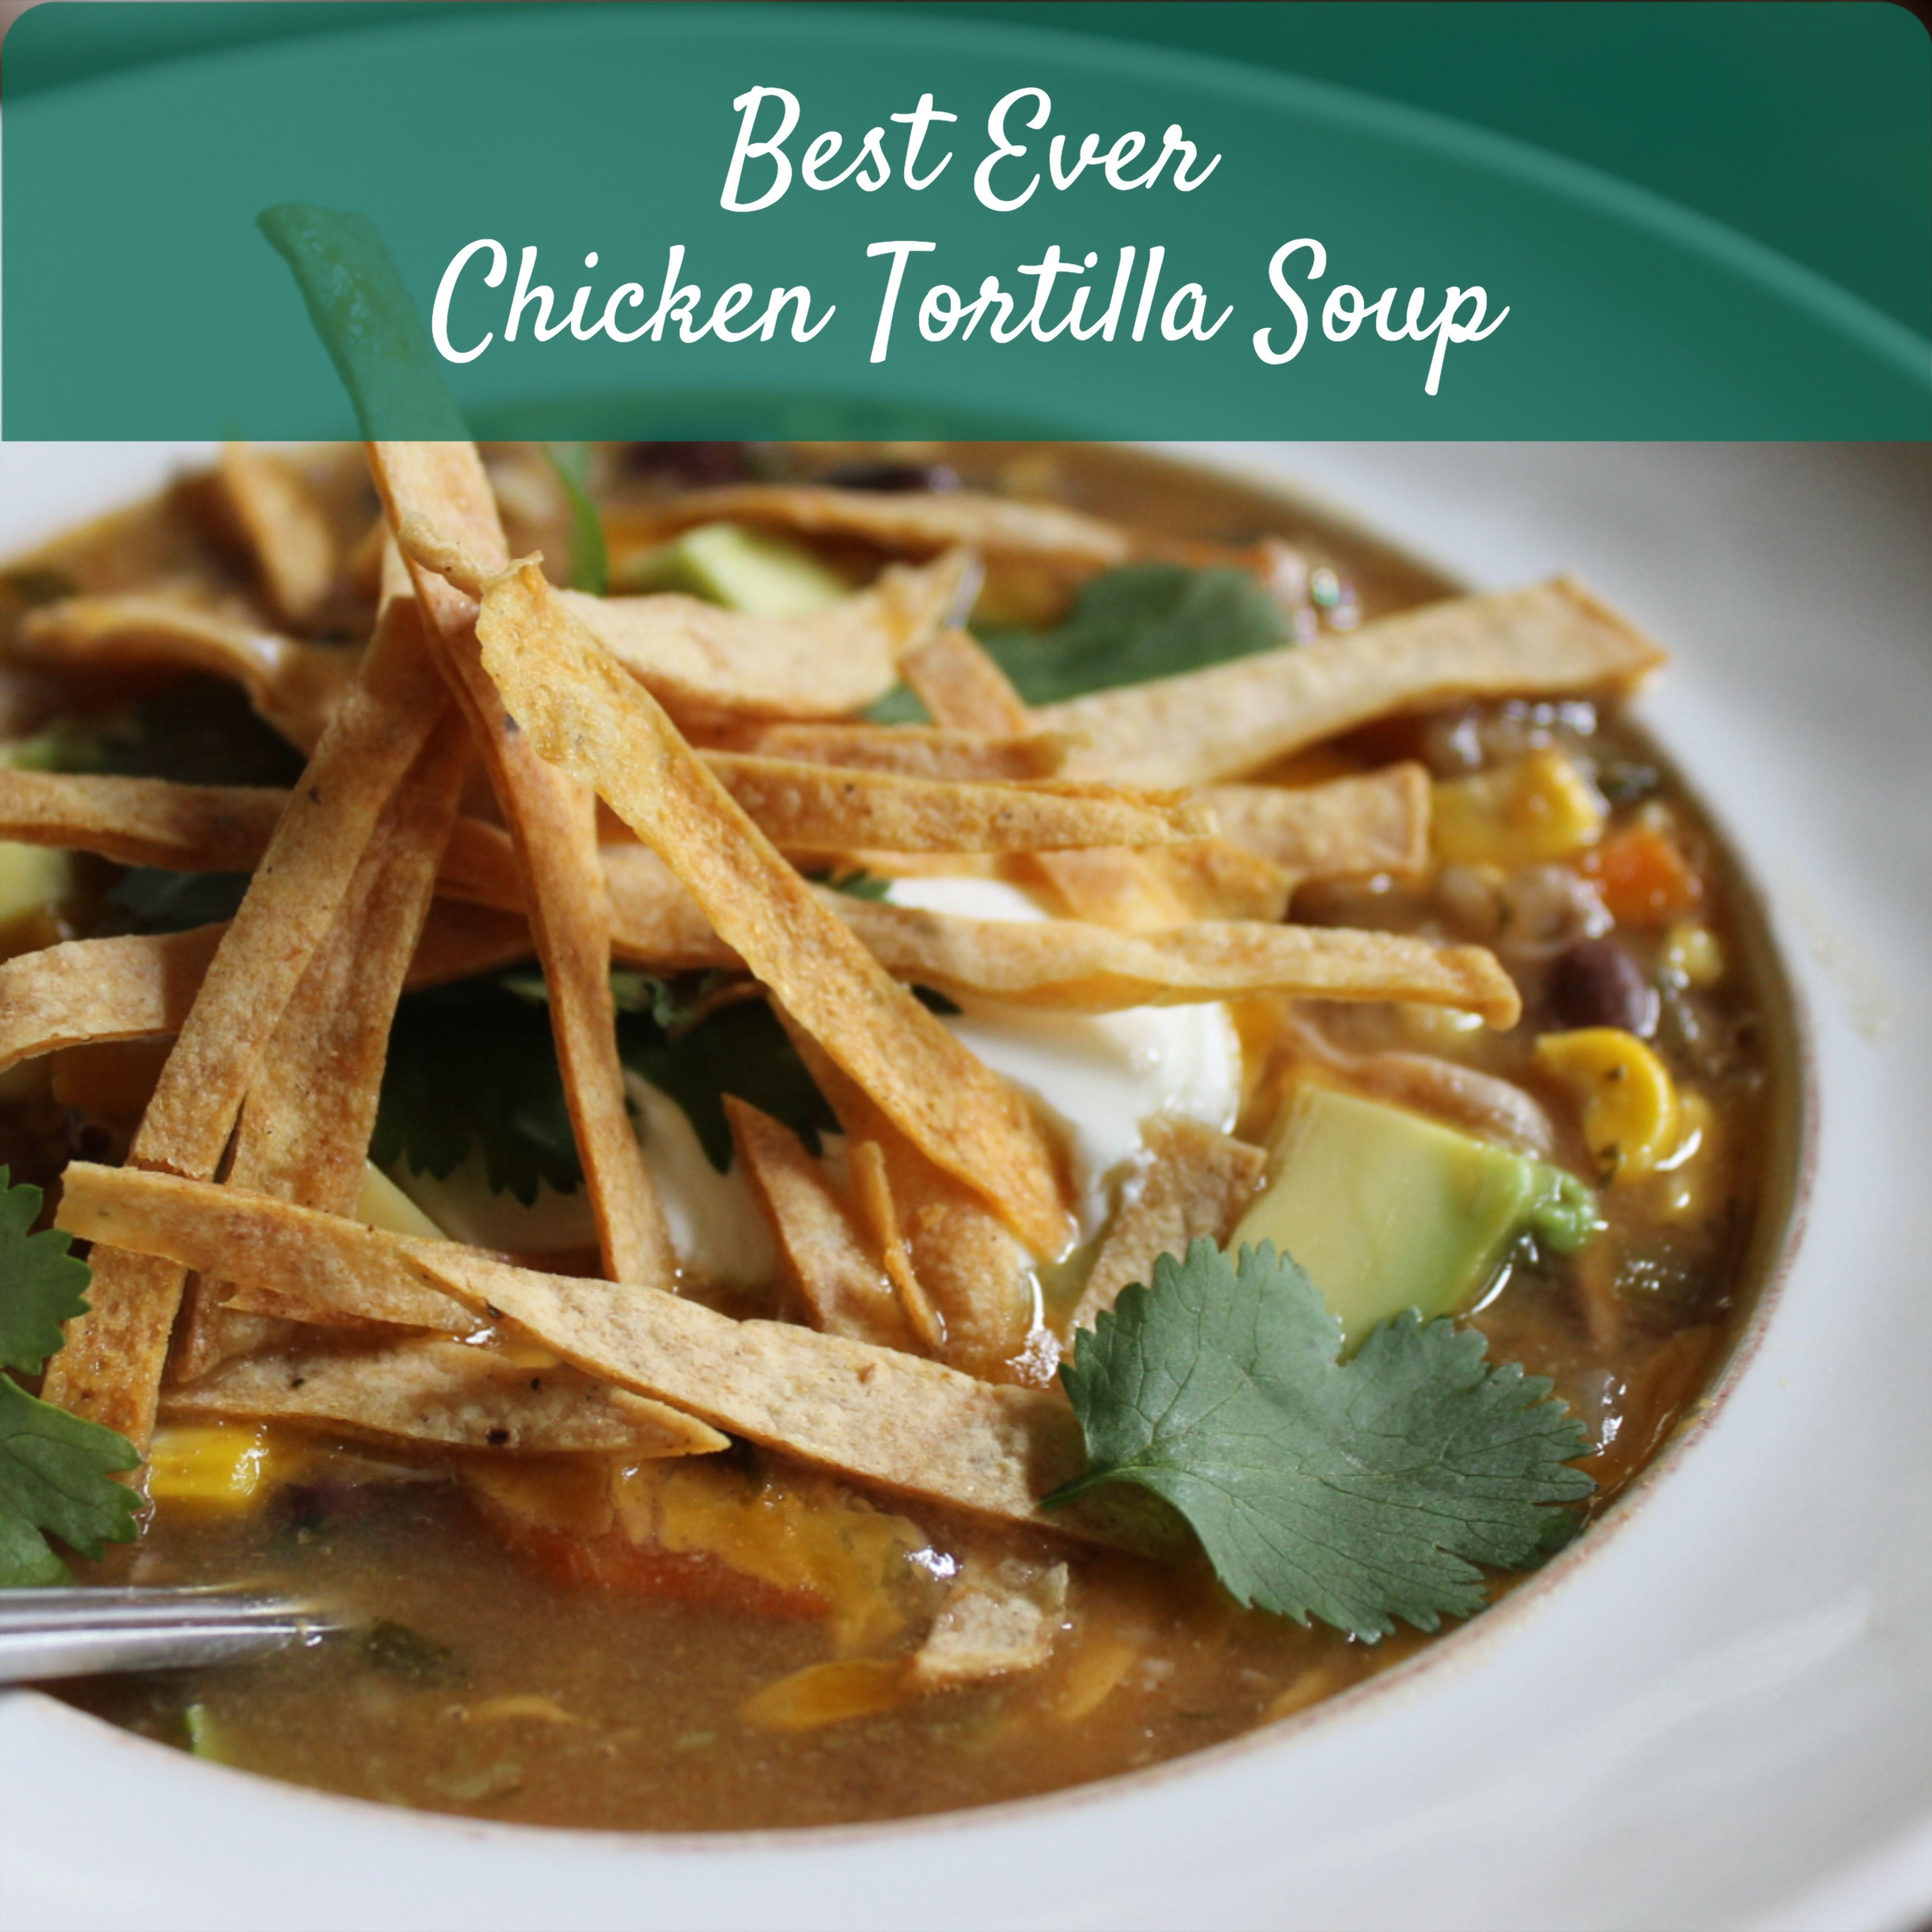 Best Ever Chicken Tortilla Soup #chickentortillasoup